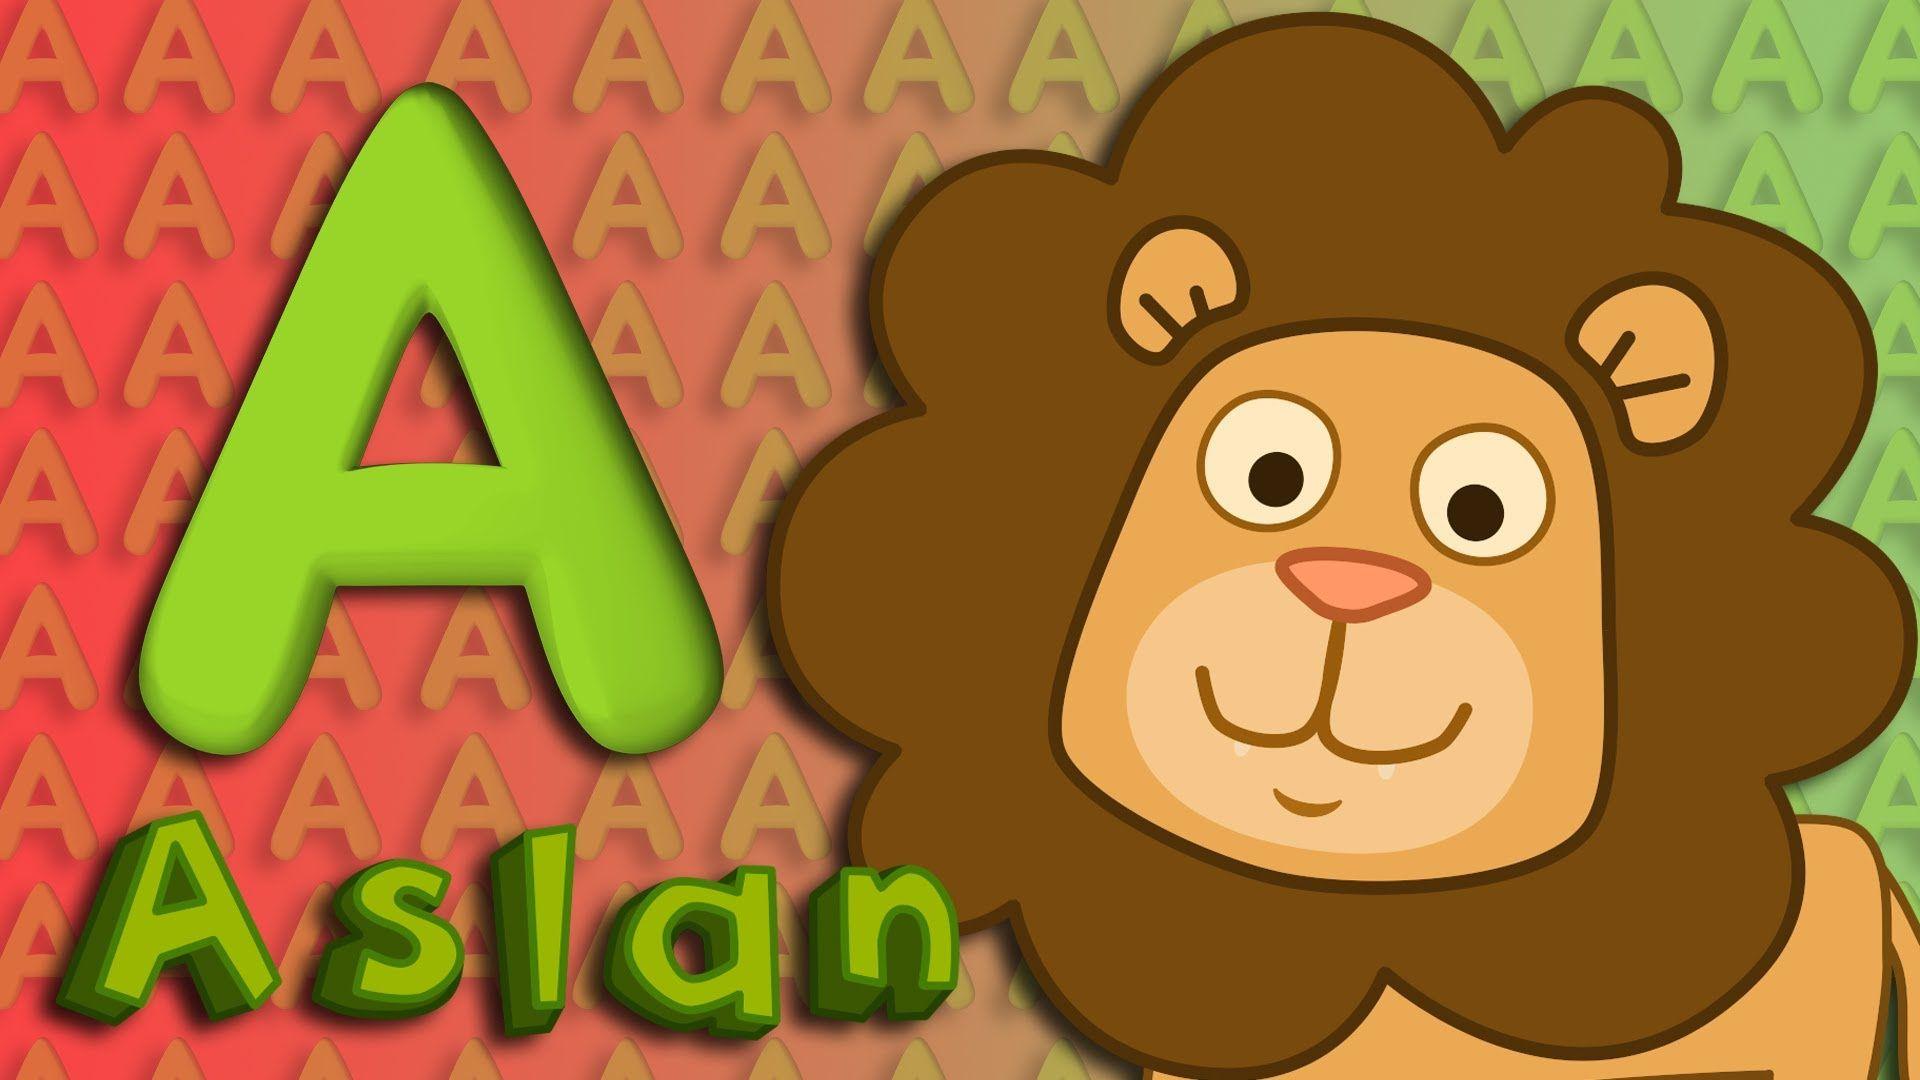 A Harfi - ABC Alfabe - Çocuk Şarkıları http://www.canimanne.com/a-harfi-abc-alfabe-cocuk-sarkilari.html A Harfi – ABC Alfabe SEVİMLİ DOSTLAR Eğitici Çizgi Film Çocuk Şarkıları Videoları